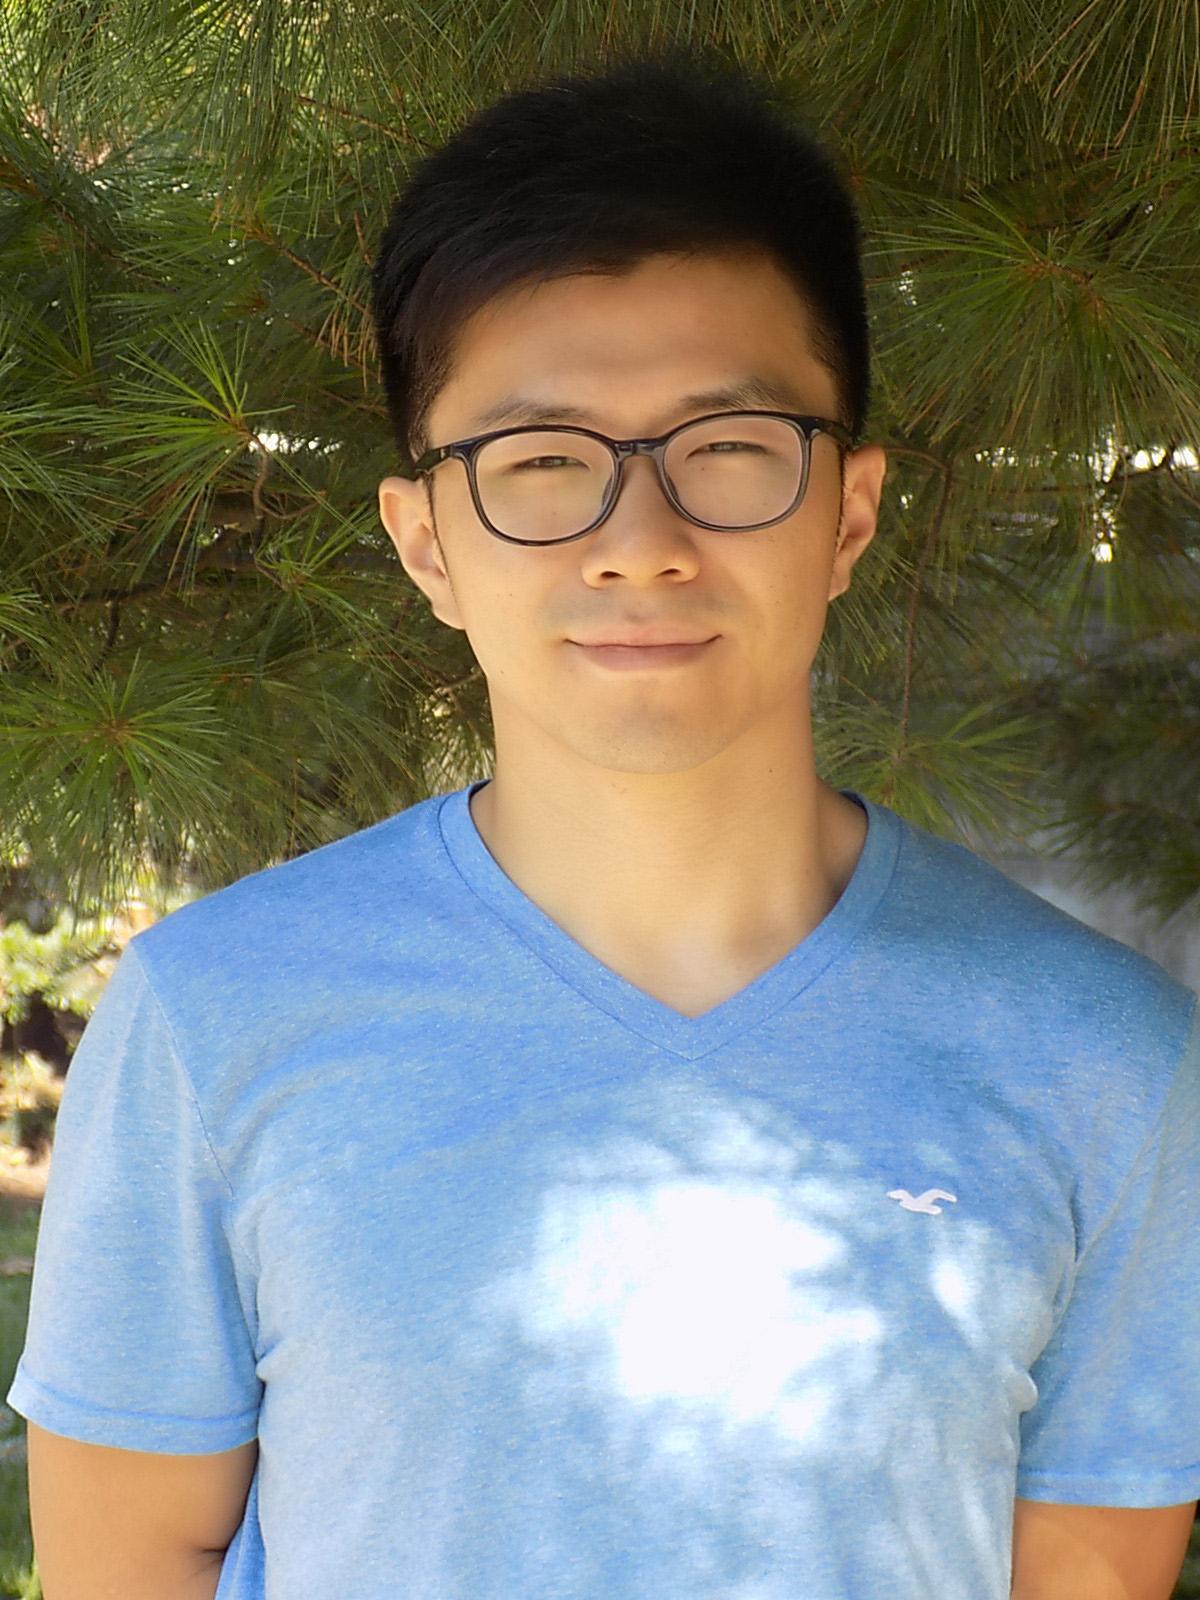 lok-yinroy-wong